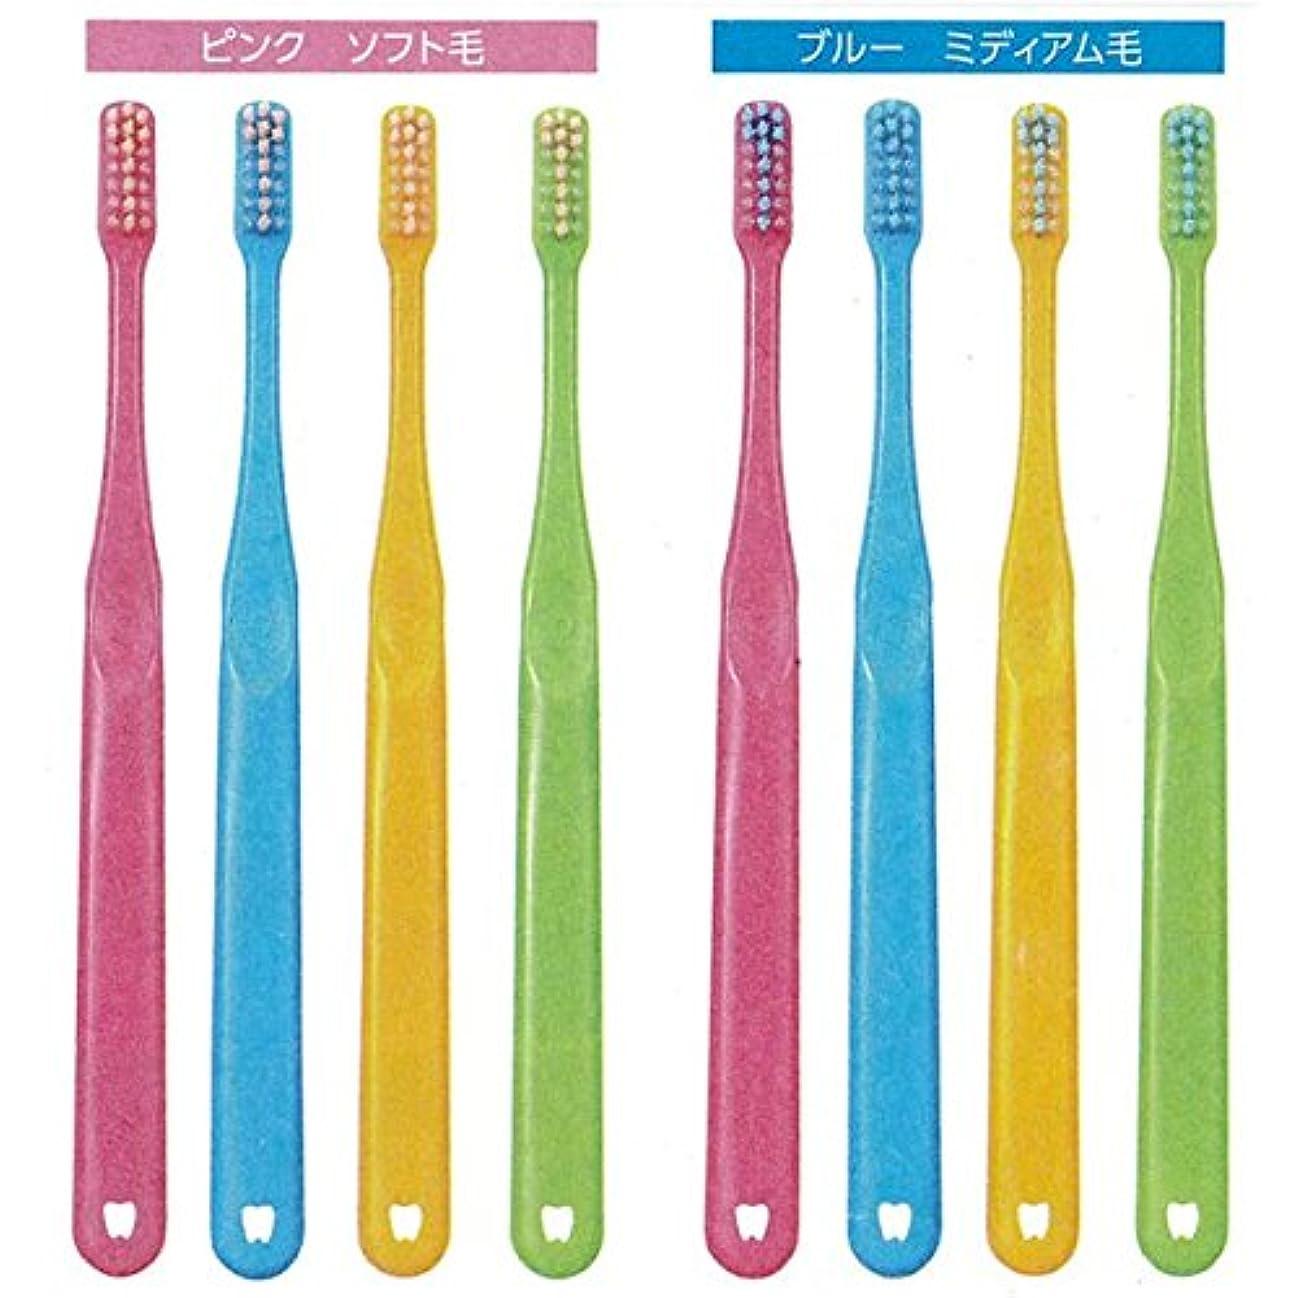 ポルティコ焼くドロップci PROPLUS +プロプラス 大人用 一般 歯ブラシ1本 (S(やわらかめ))